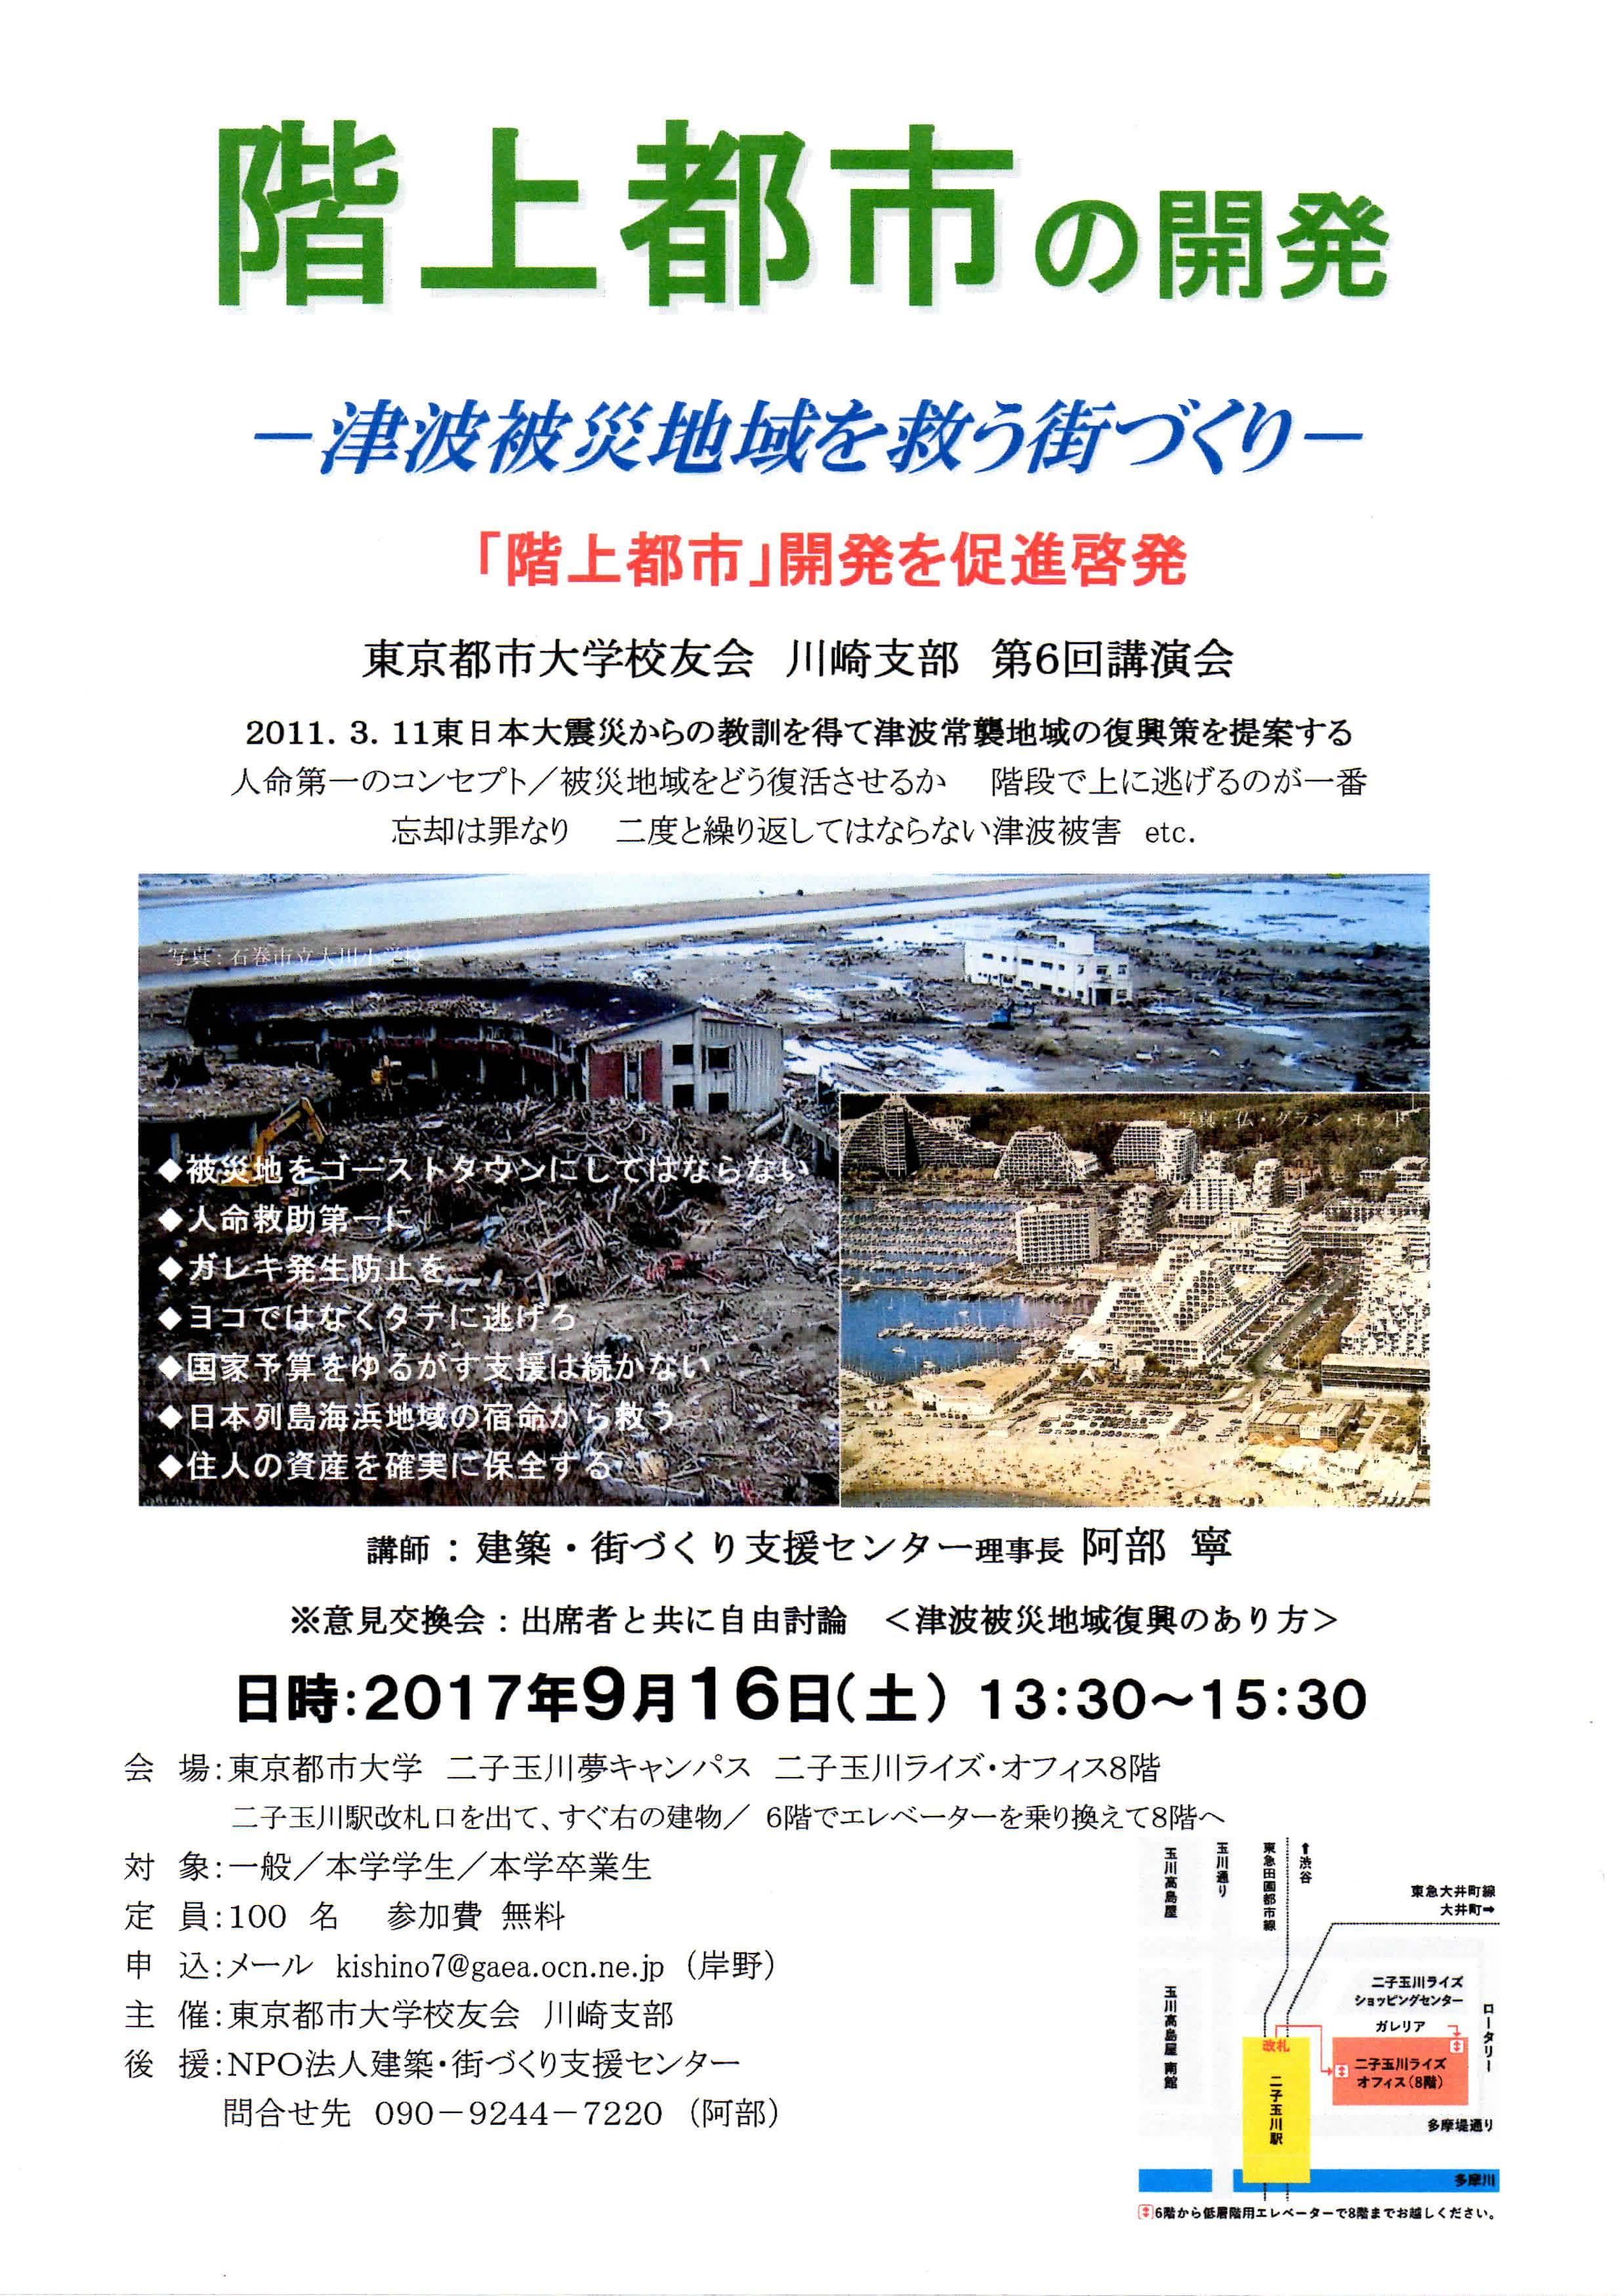 講演会「階上都市の開発 ー津波被災地域を救う街づくりー」